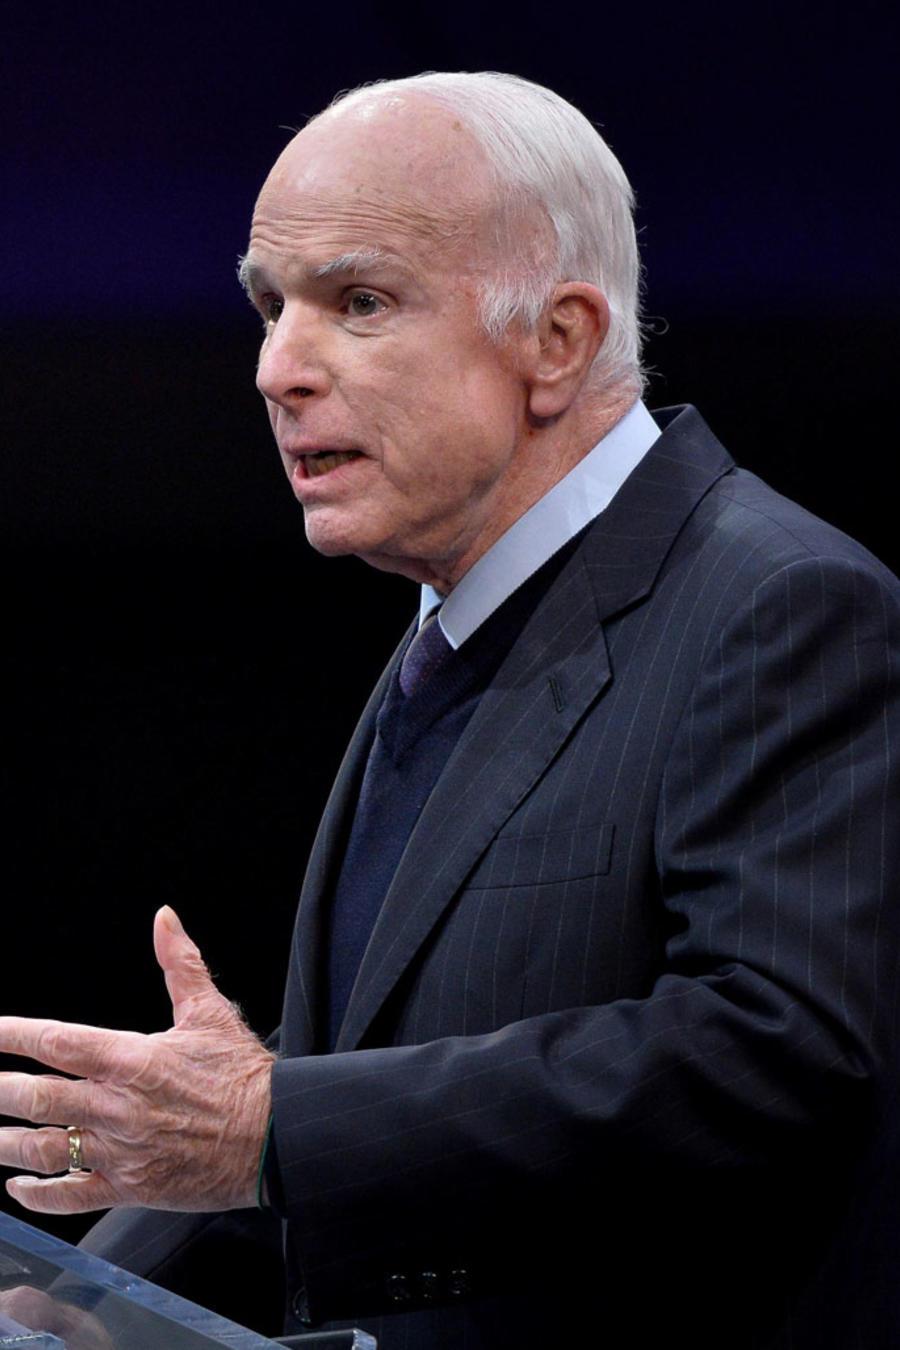 El senador John McCain al recibir la Medalla de la Libertad el 17 de octubre